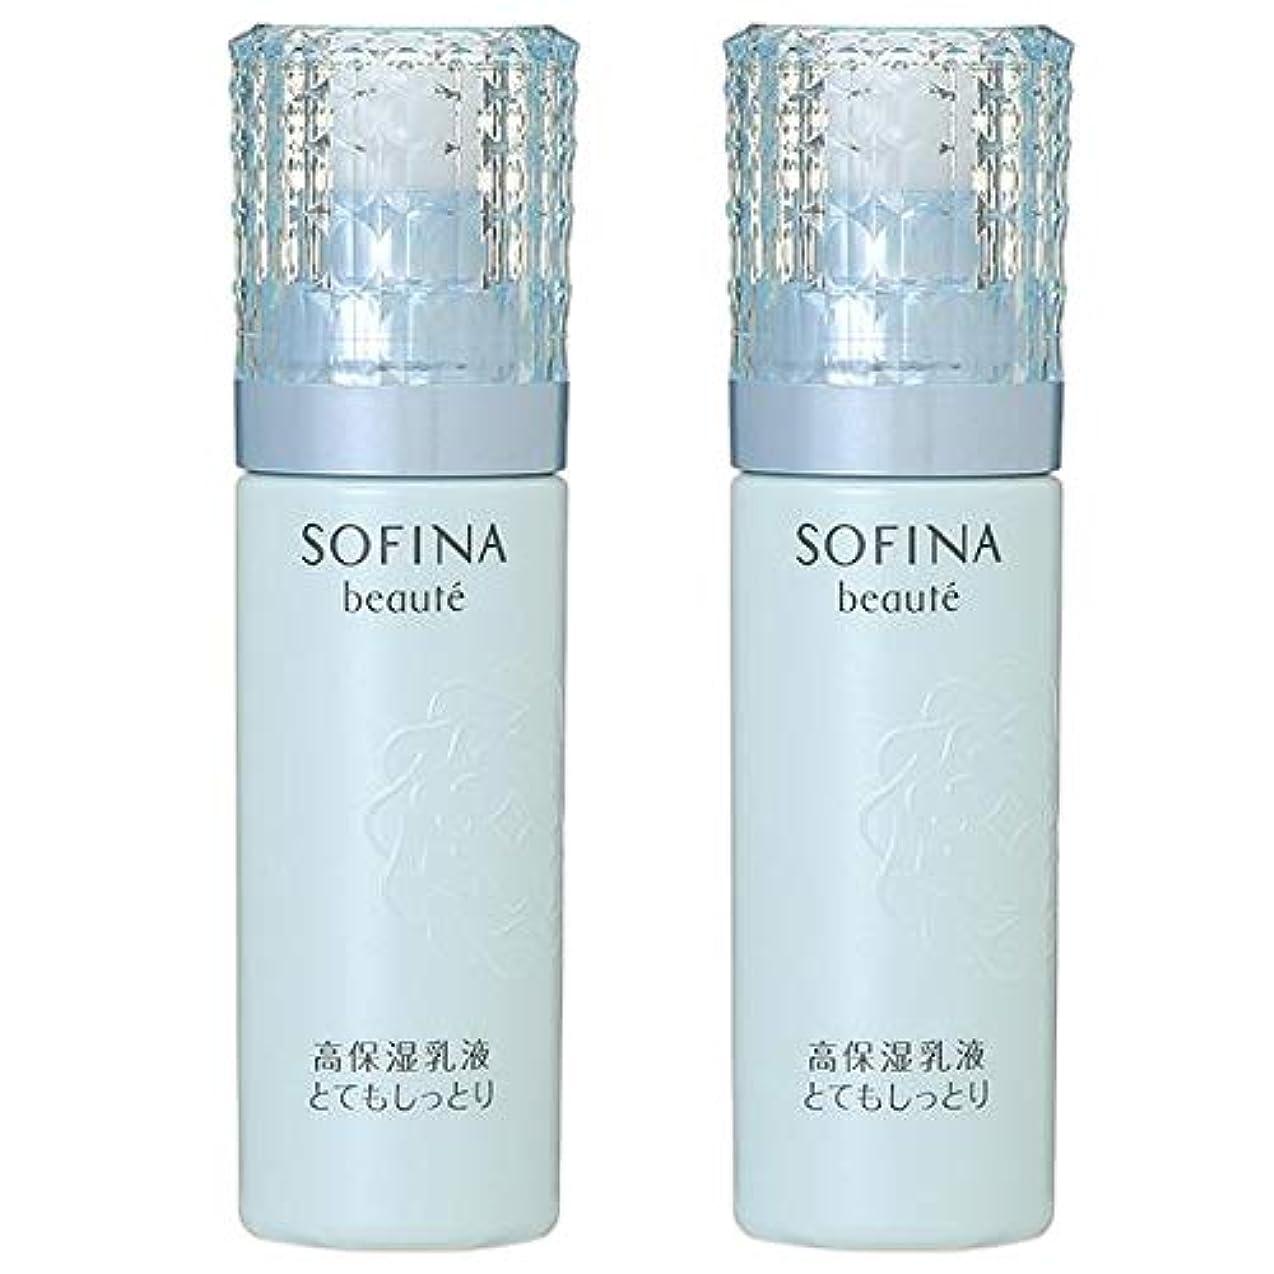 ただラジウム昨日【セット】花王 ソフィーナ ボーテ SOFINA 高保湿乳液 とてもしっとり 60g 2個セット 【医薬部外品】